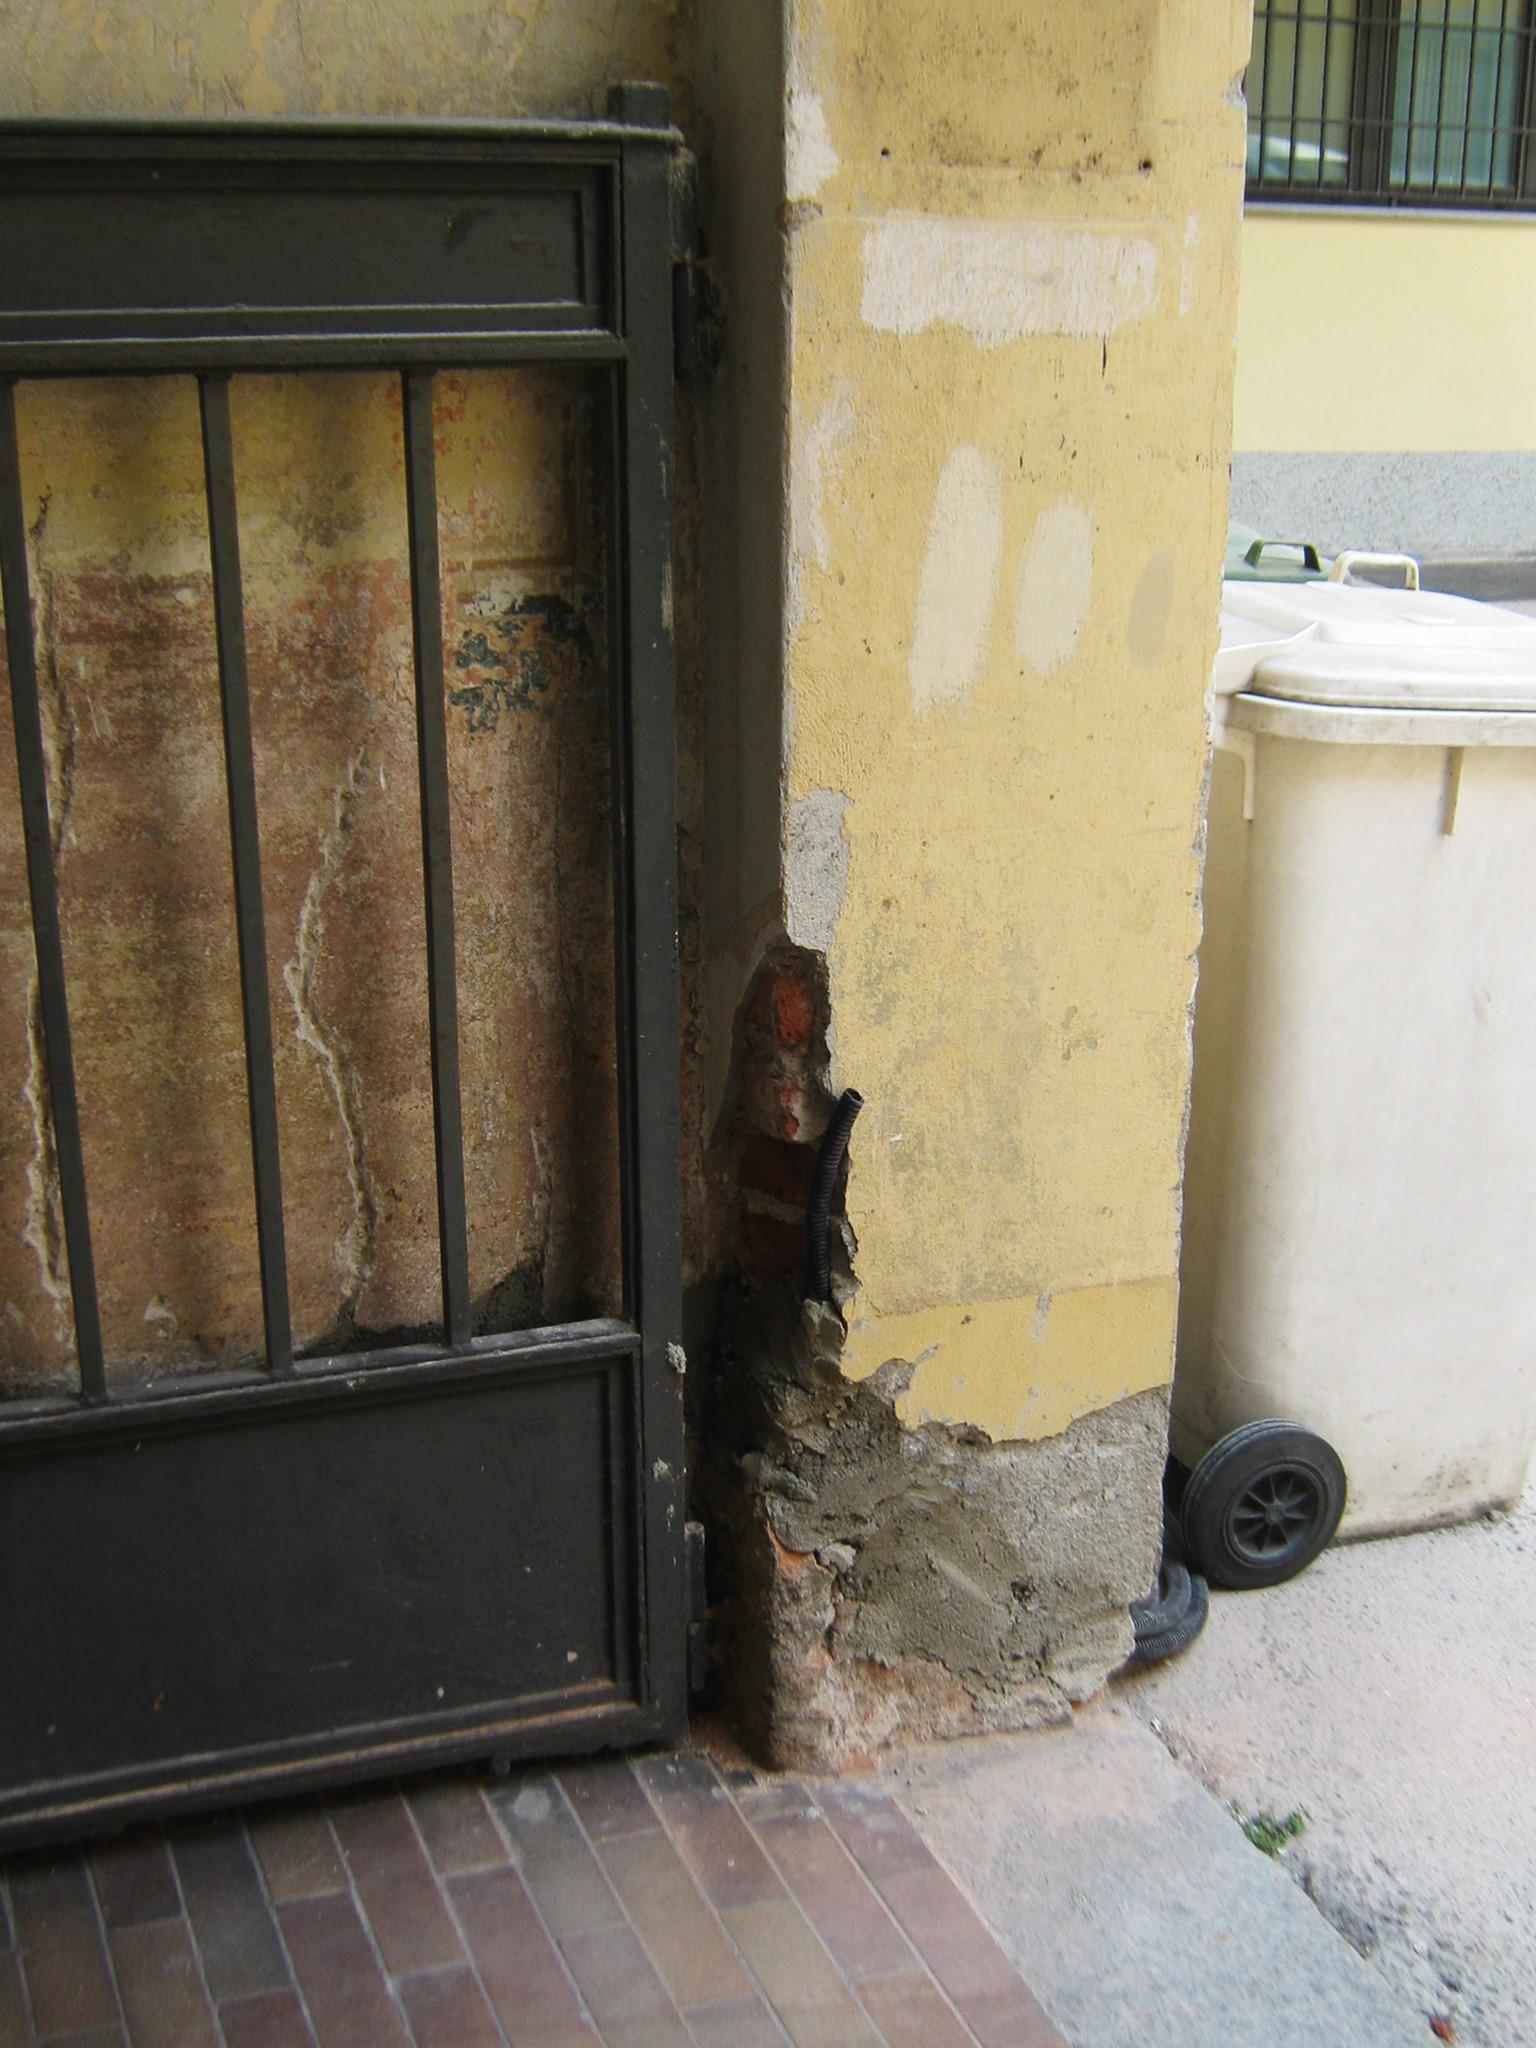 4. Particolare pilastro in muratura di ingresso condominiale degradato per mancanza e macchia: stato di fatto.